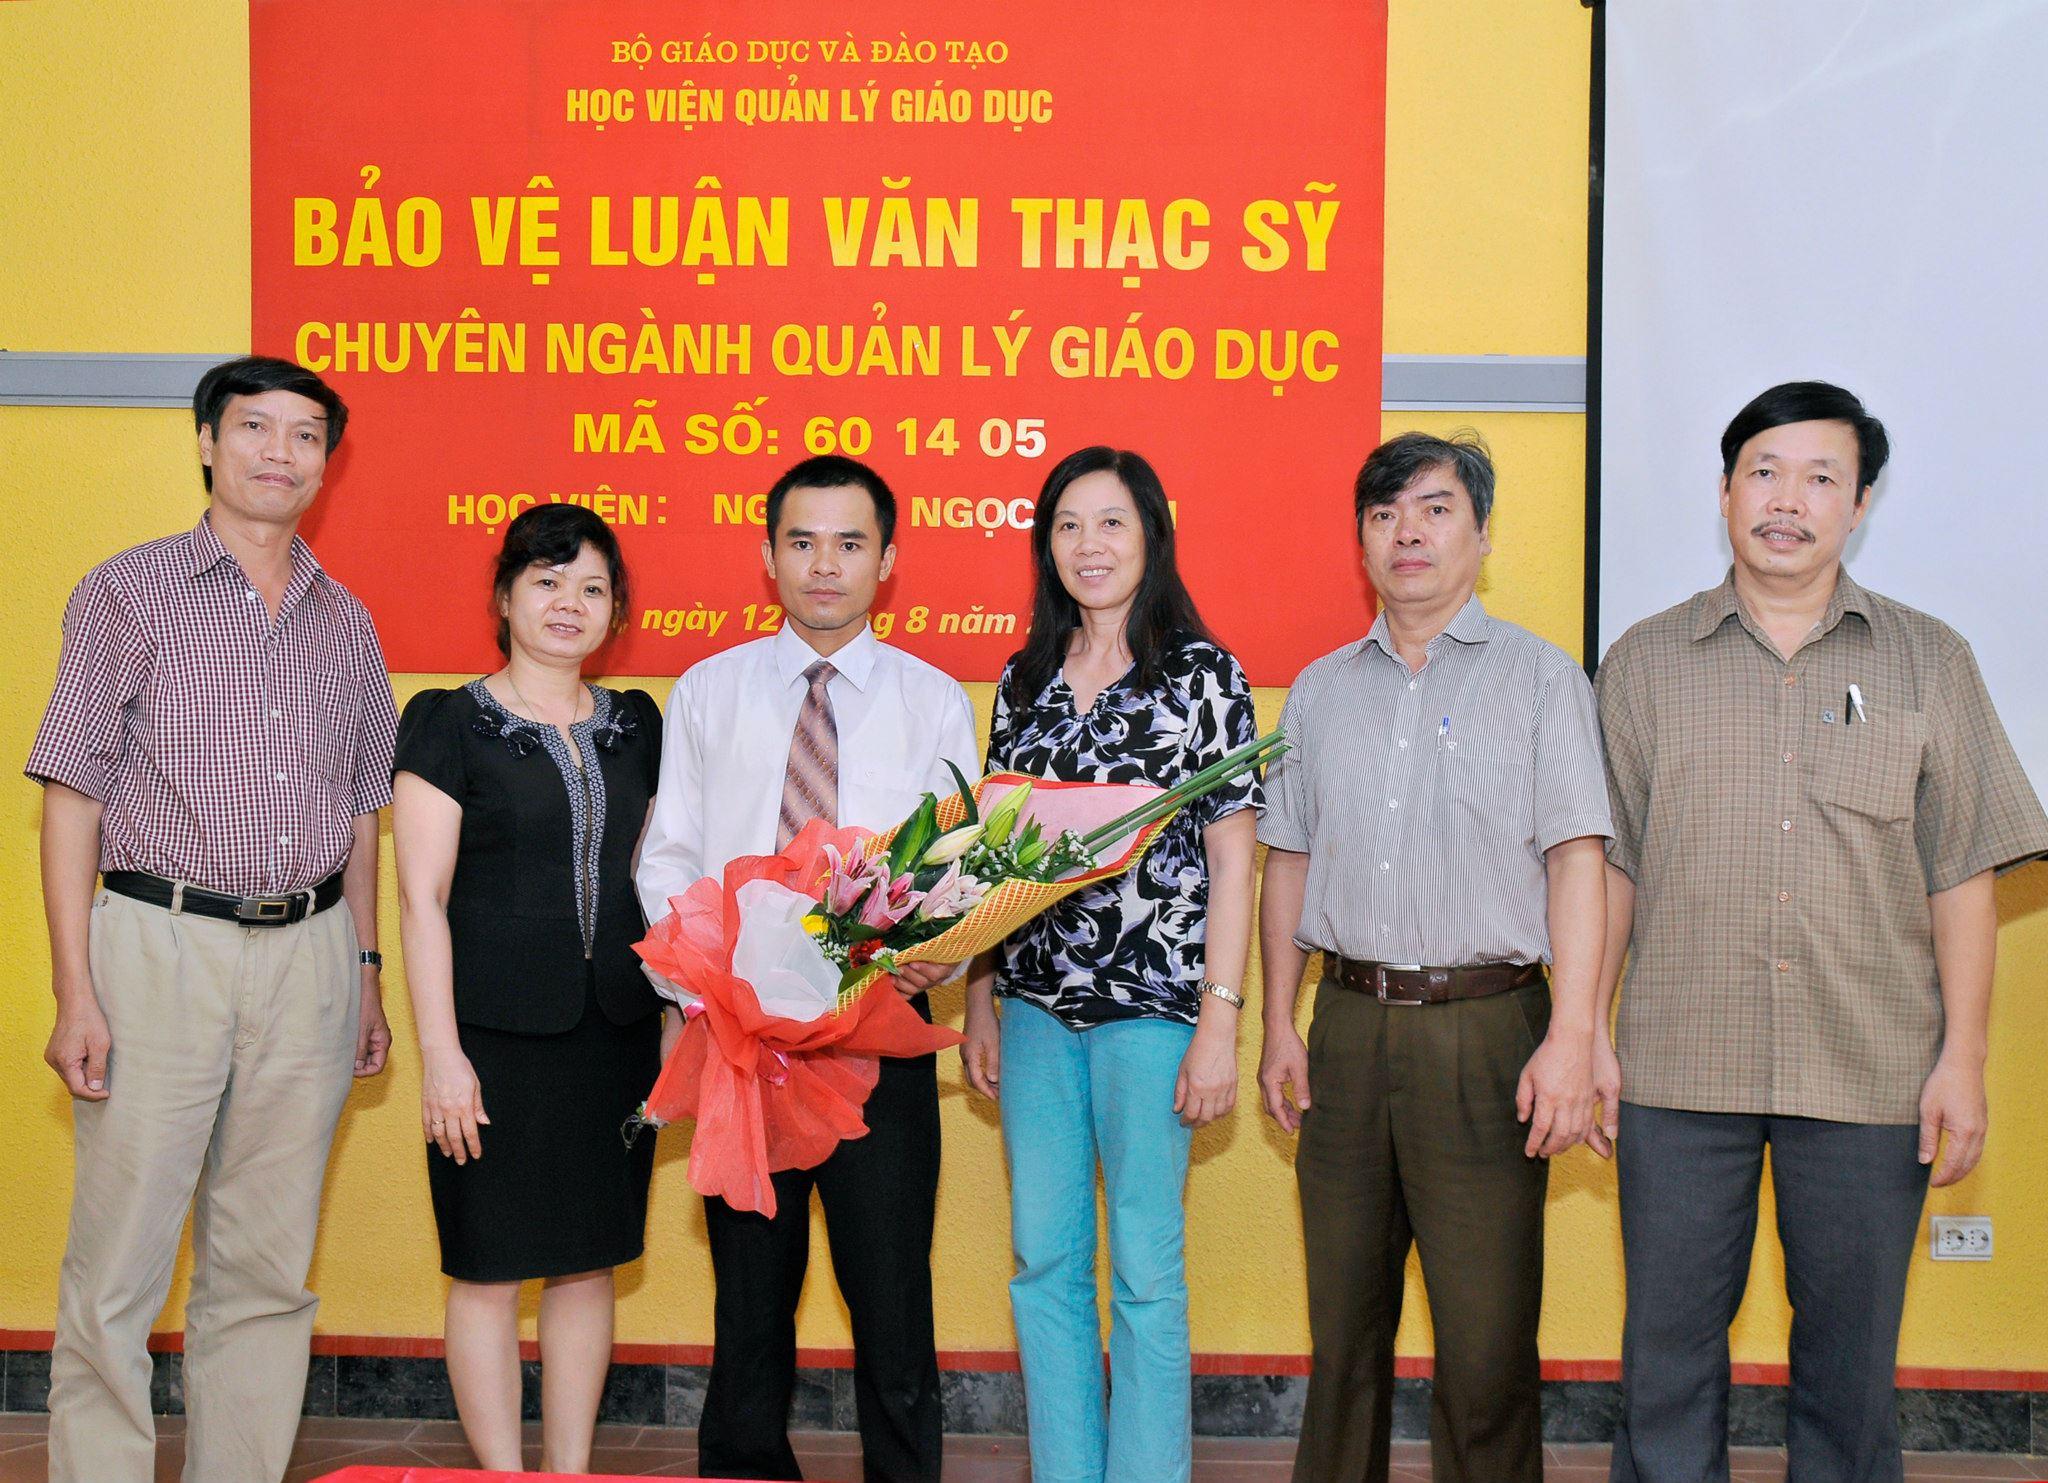 Trung tâm giúp việc uy tín tại Hà Nội